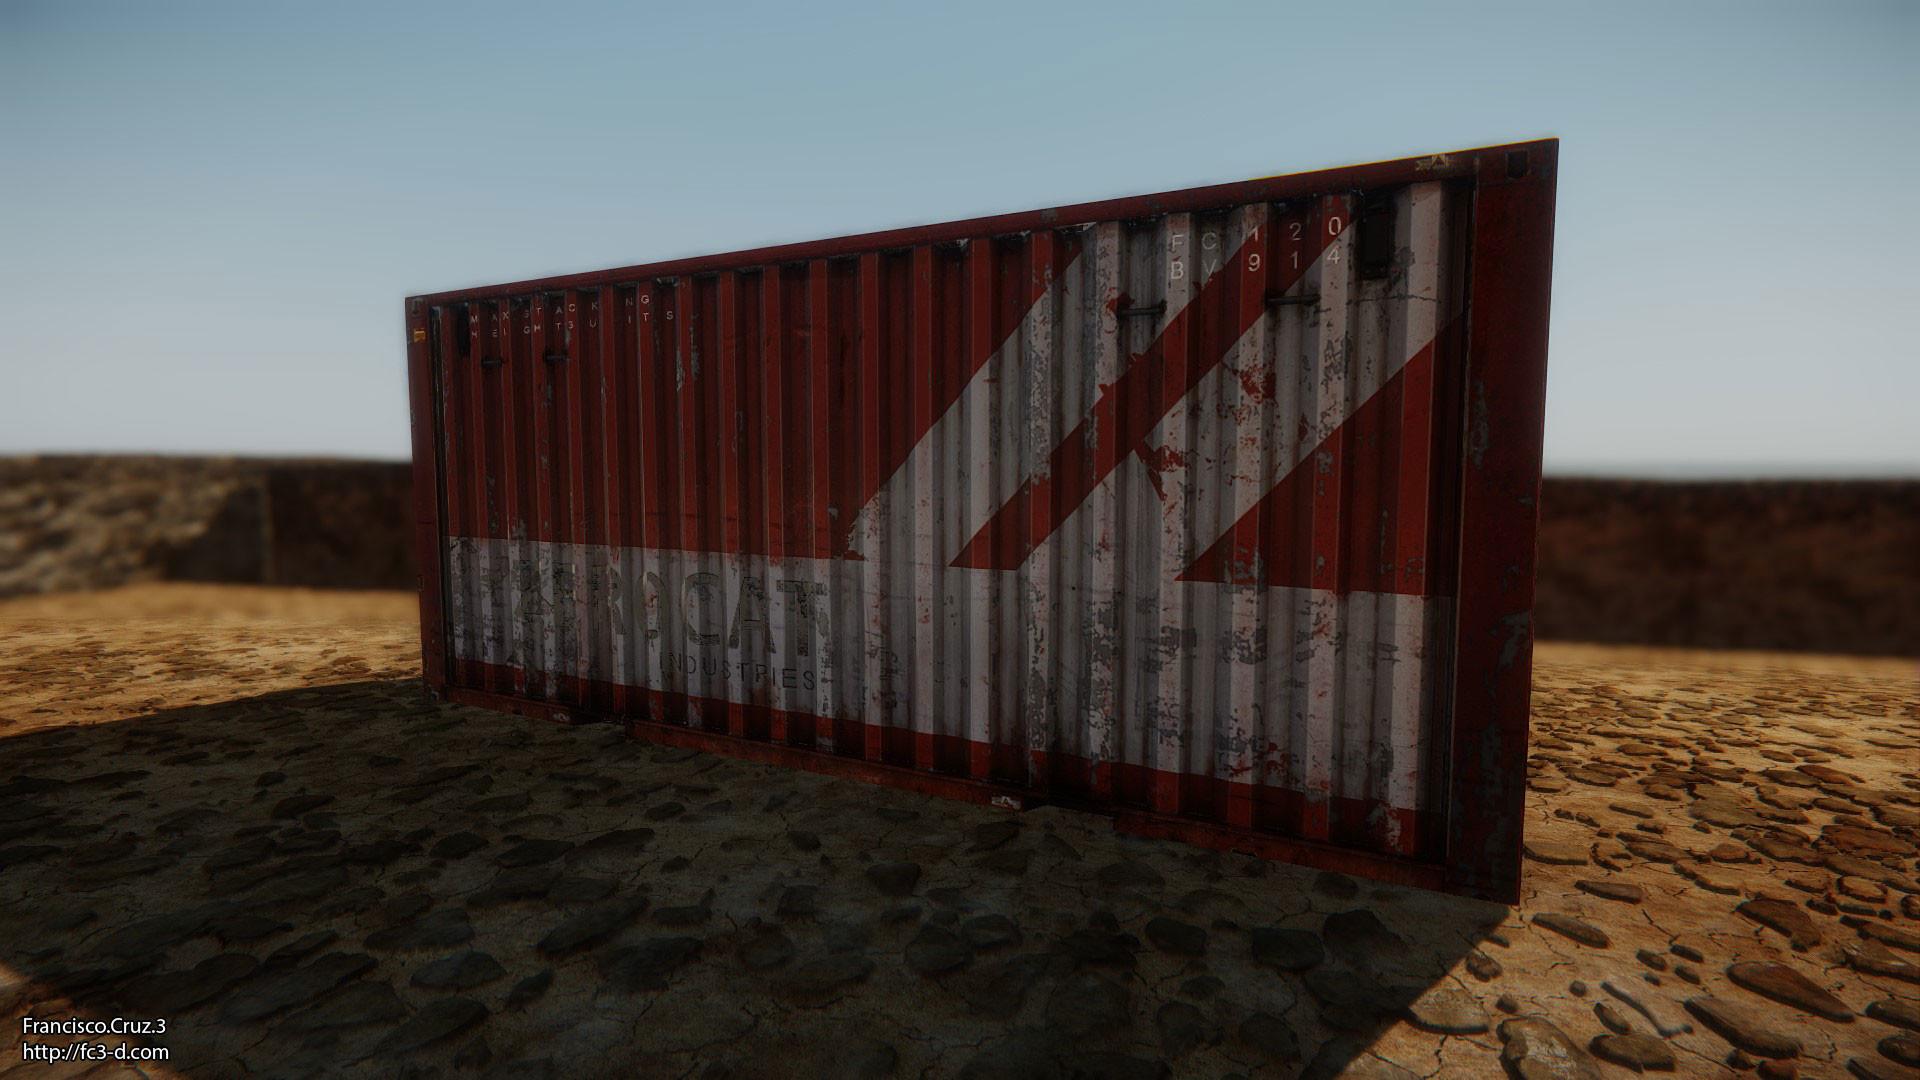 Francisco cruz fc3 container 05